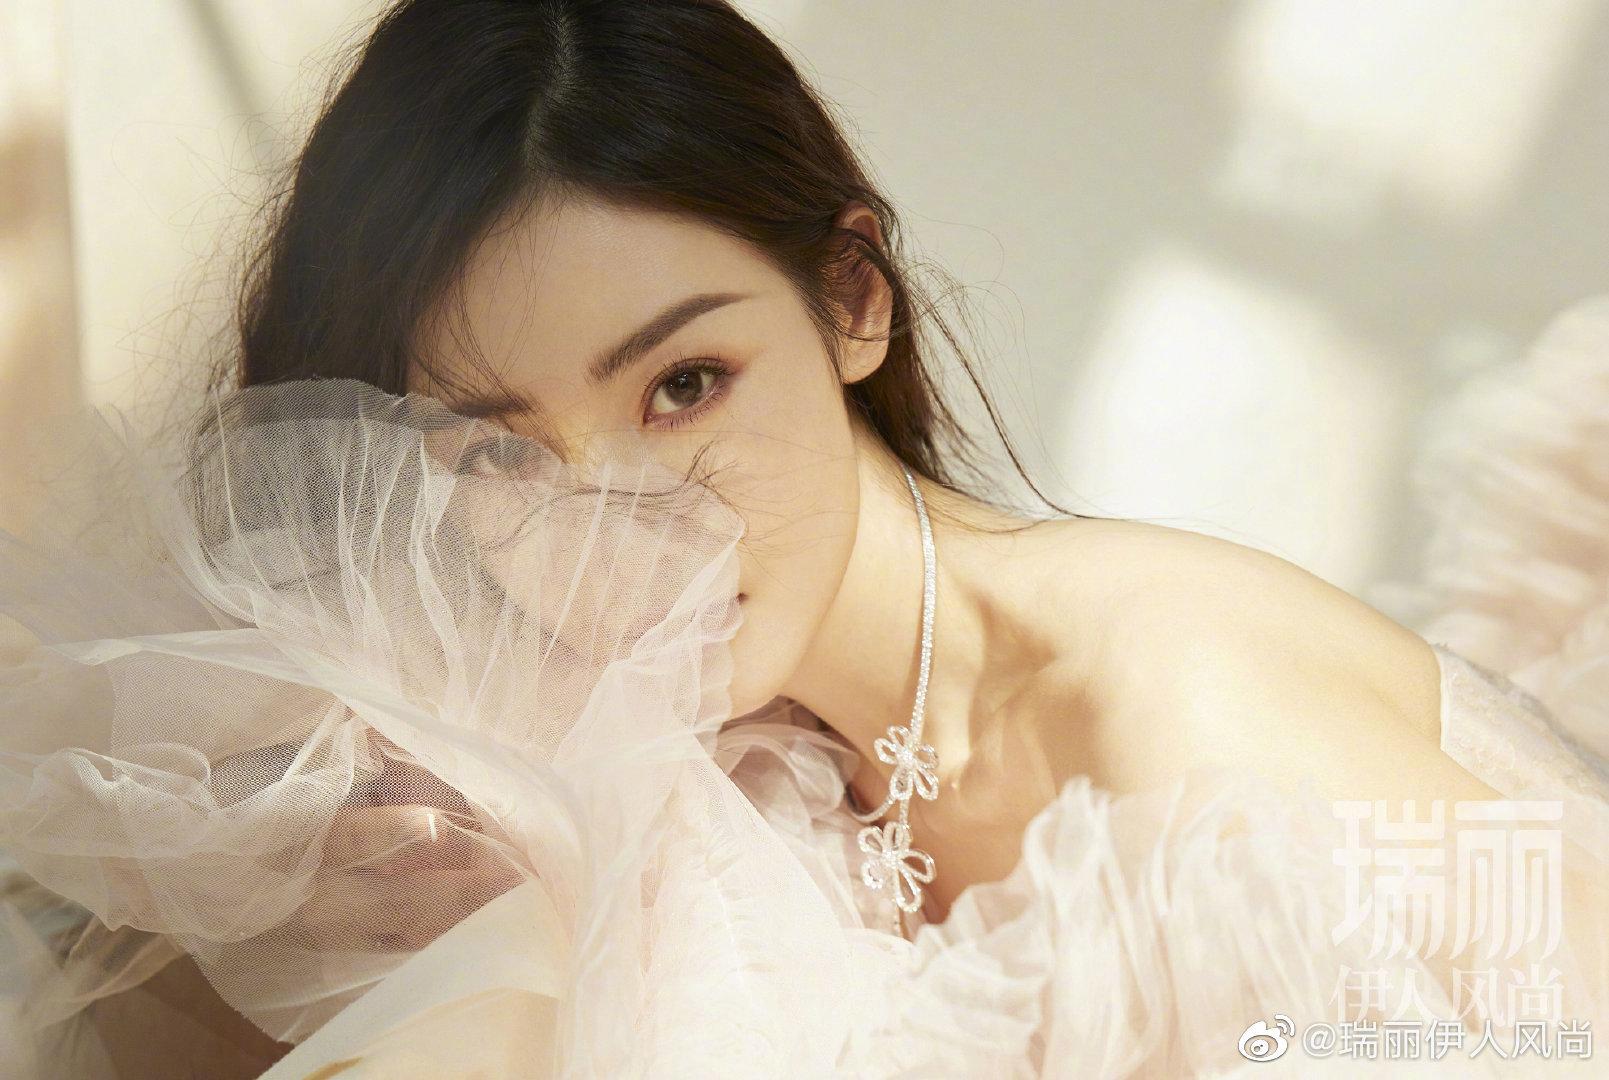 张天爱x 瑞丽伊人风尚6月刊|一袭薄翼轻纱,落入点点繁花💐